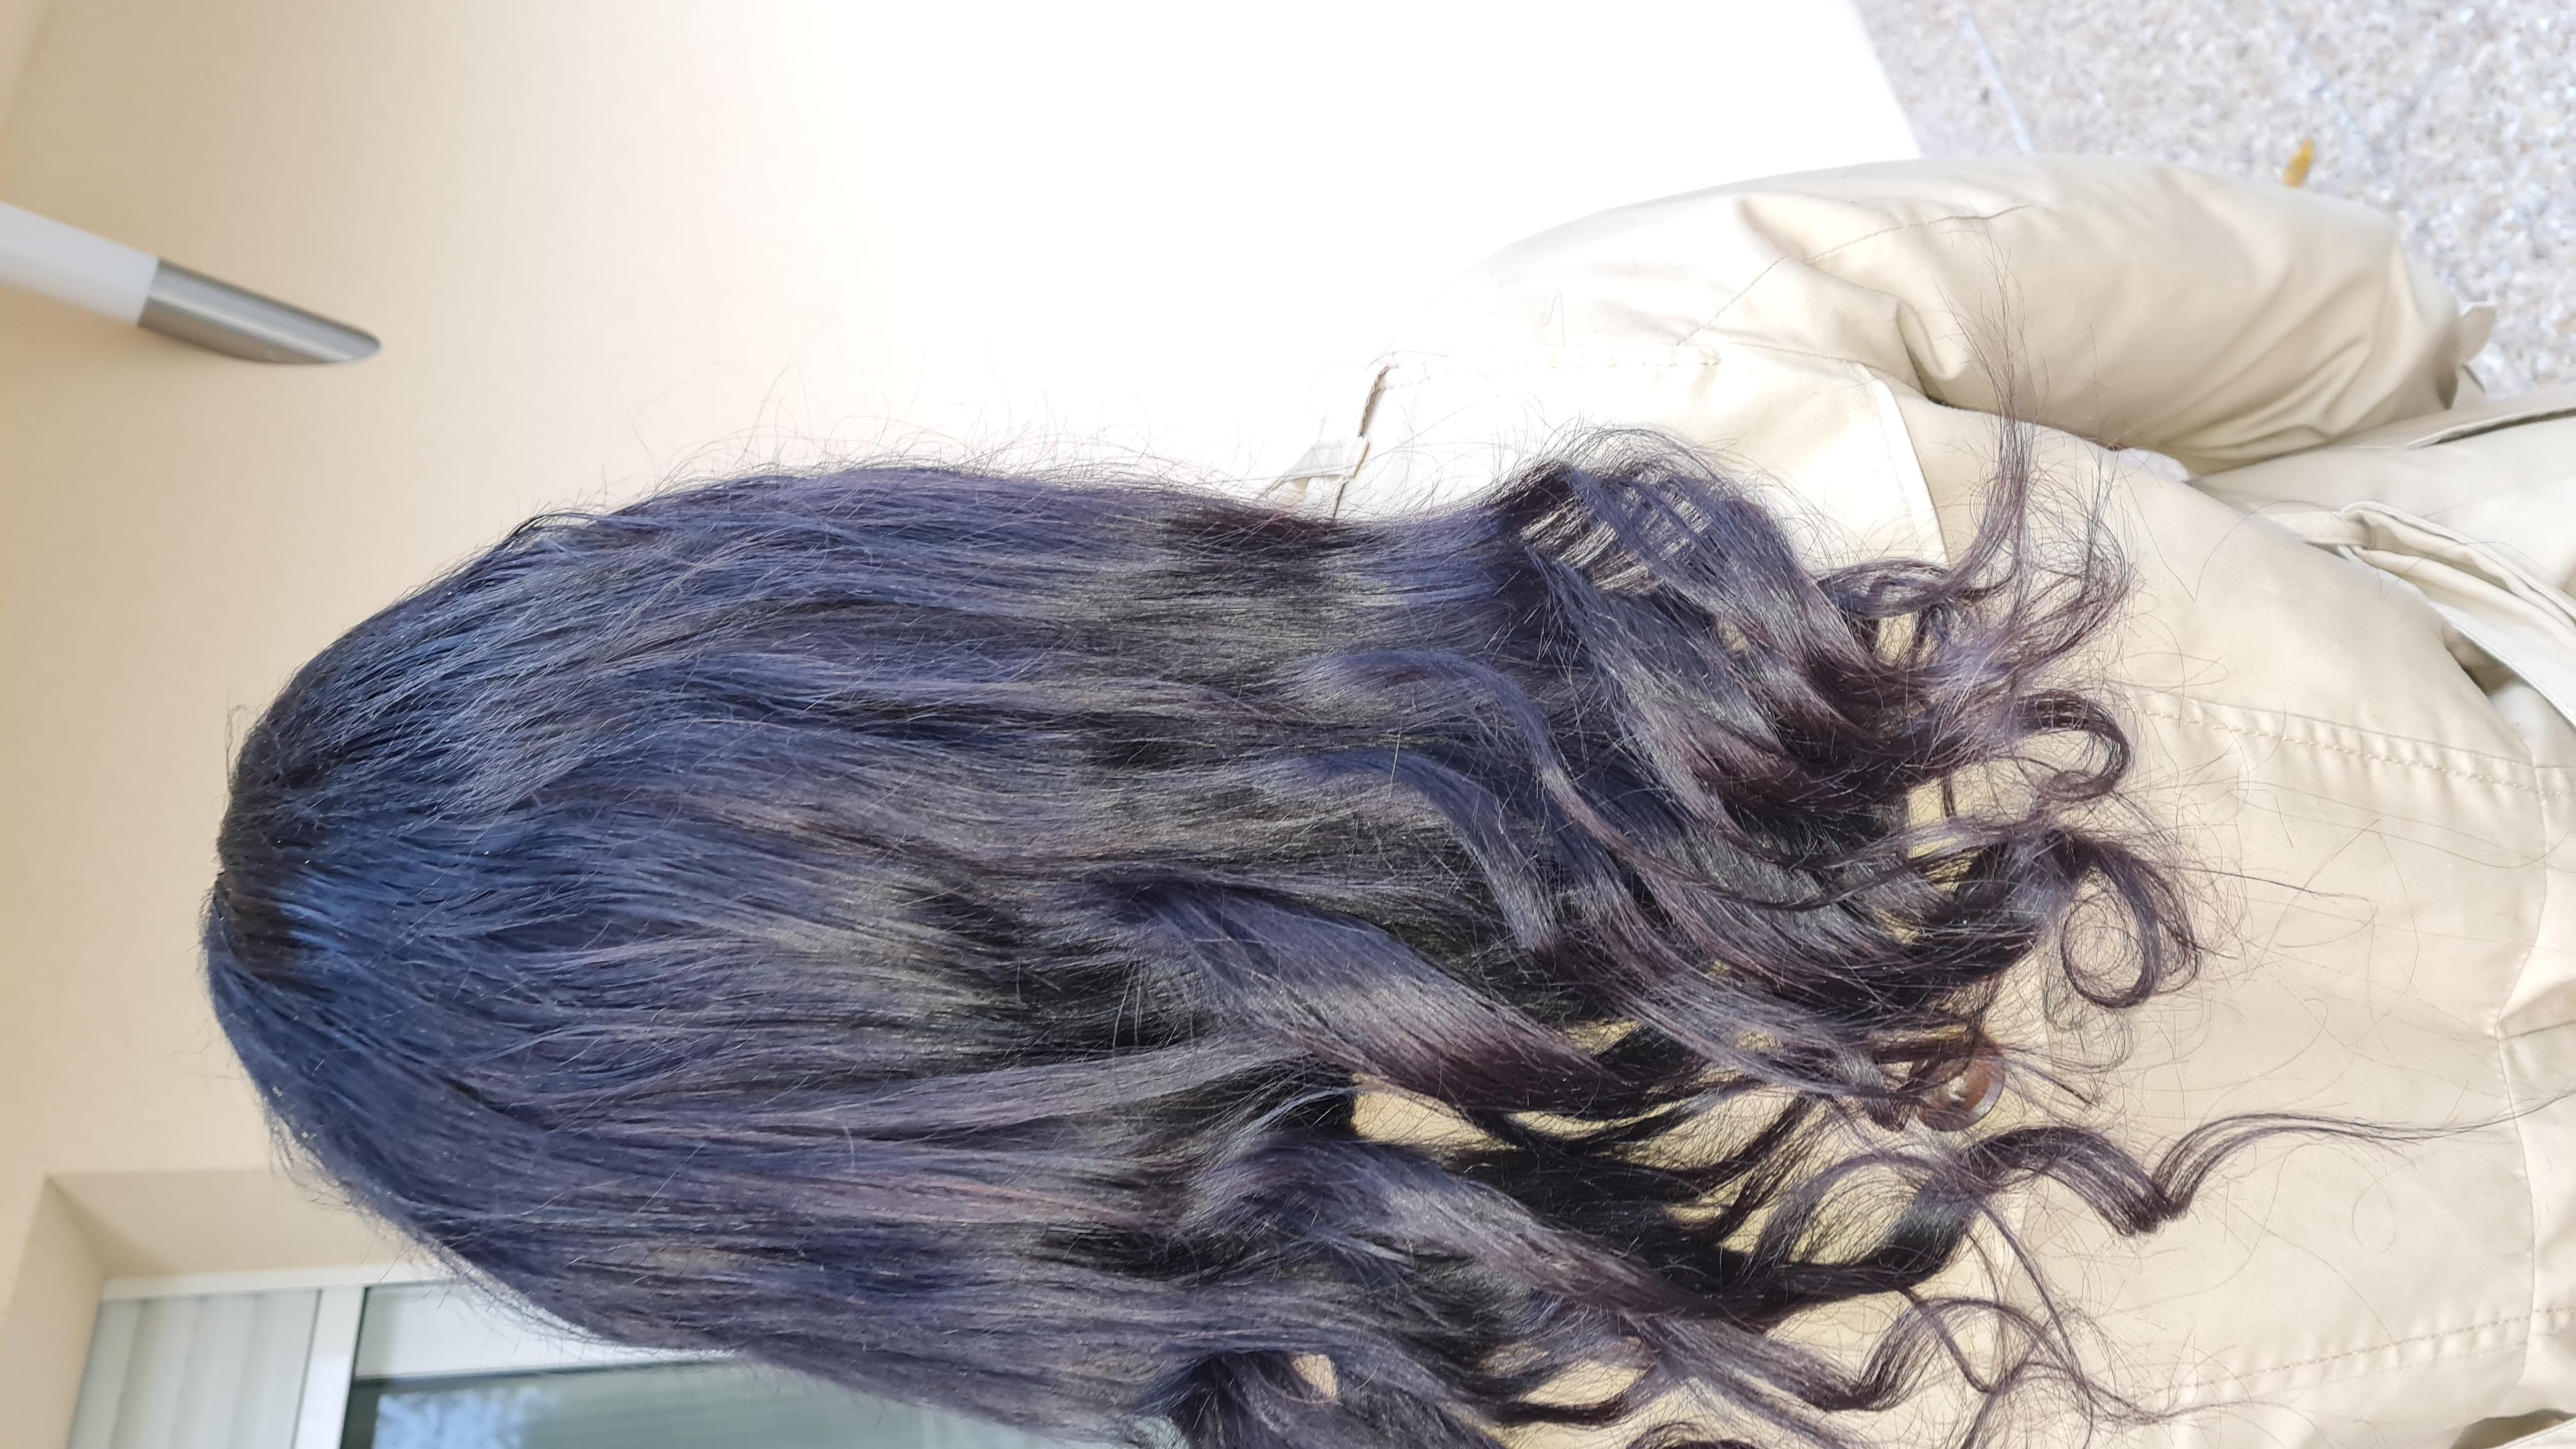 salon de coiffure afro tresse tresses box braids crochet braids vanilles tissages paris 75 77 78 91 92 93 94 95 VWLKATGB